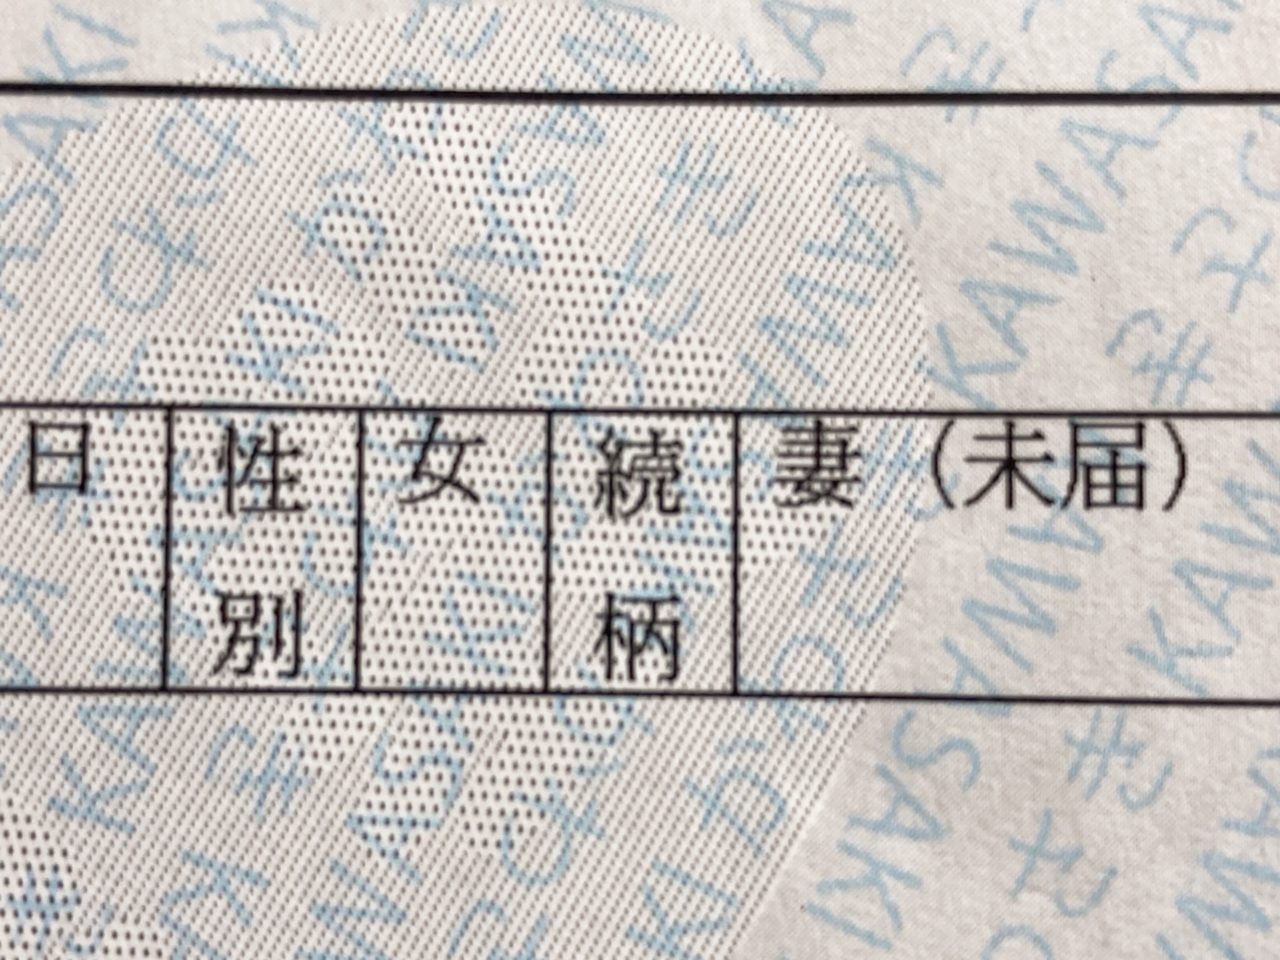 事実婚の住民票